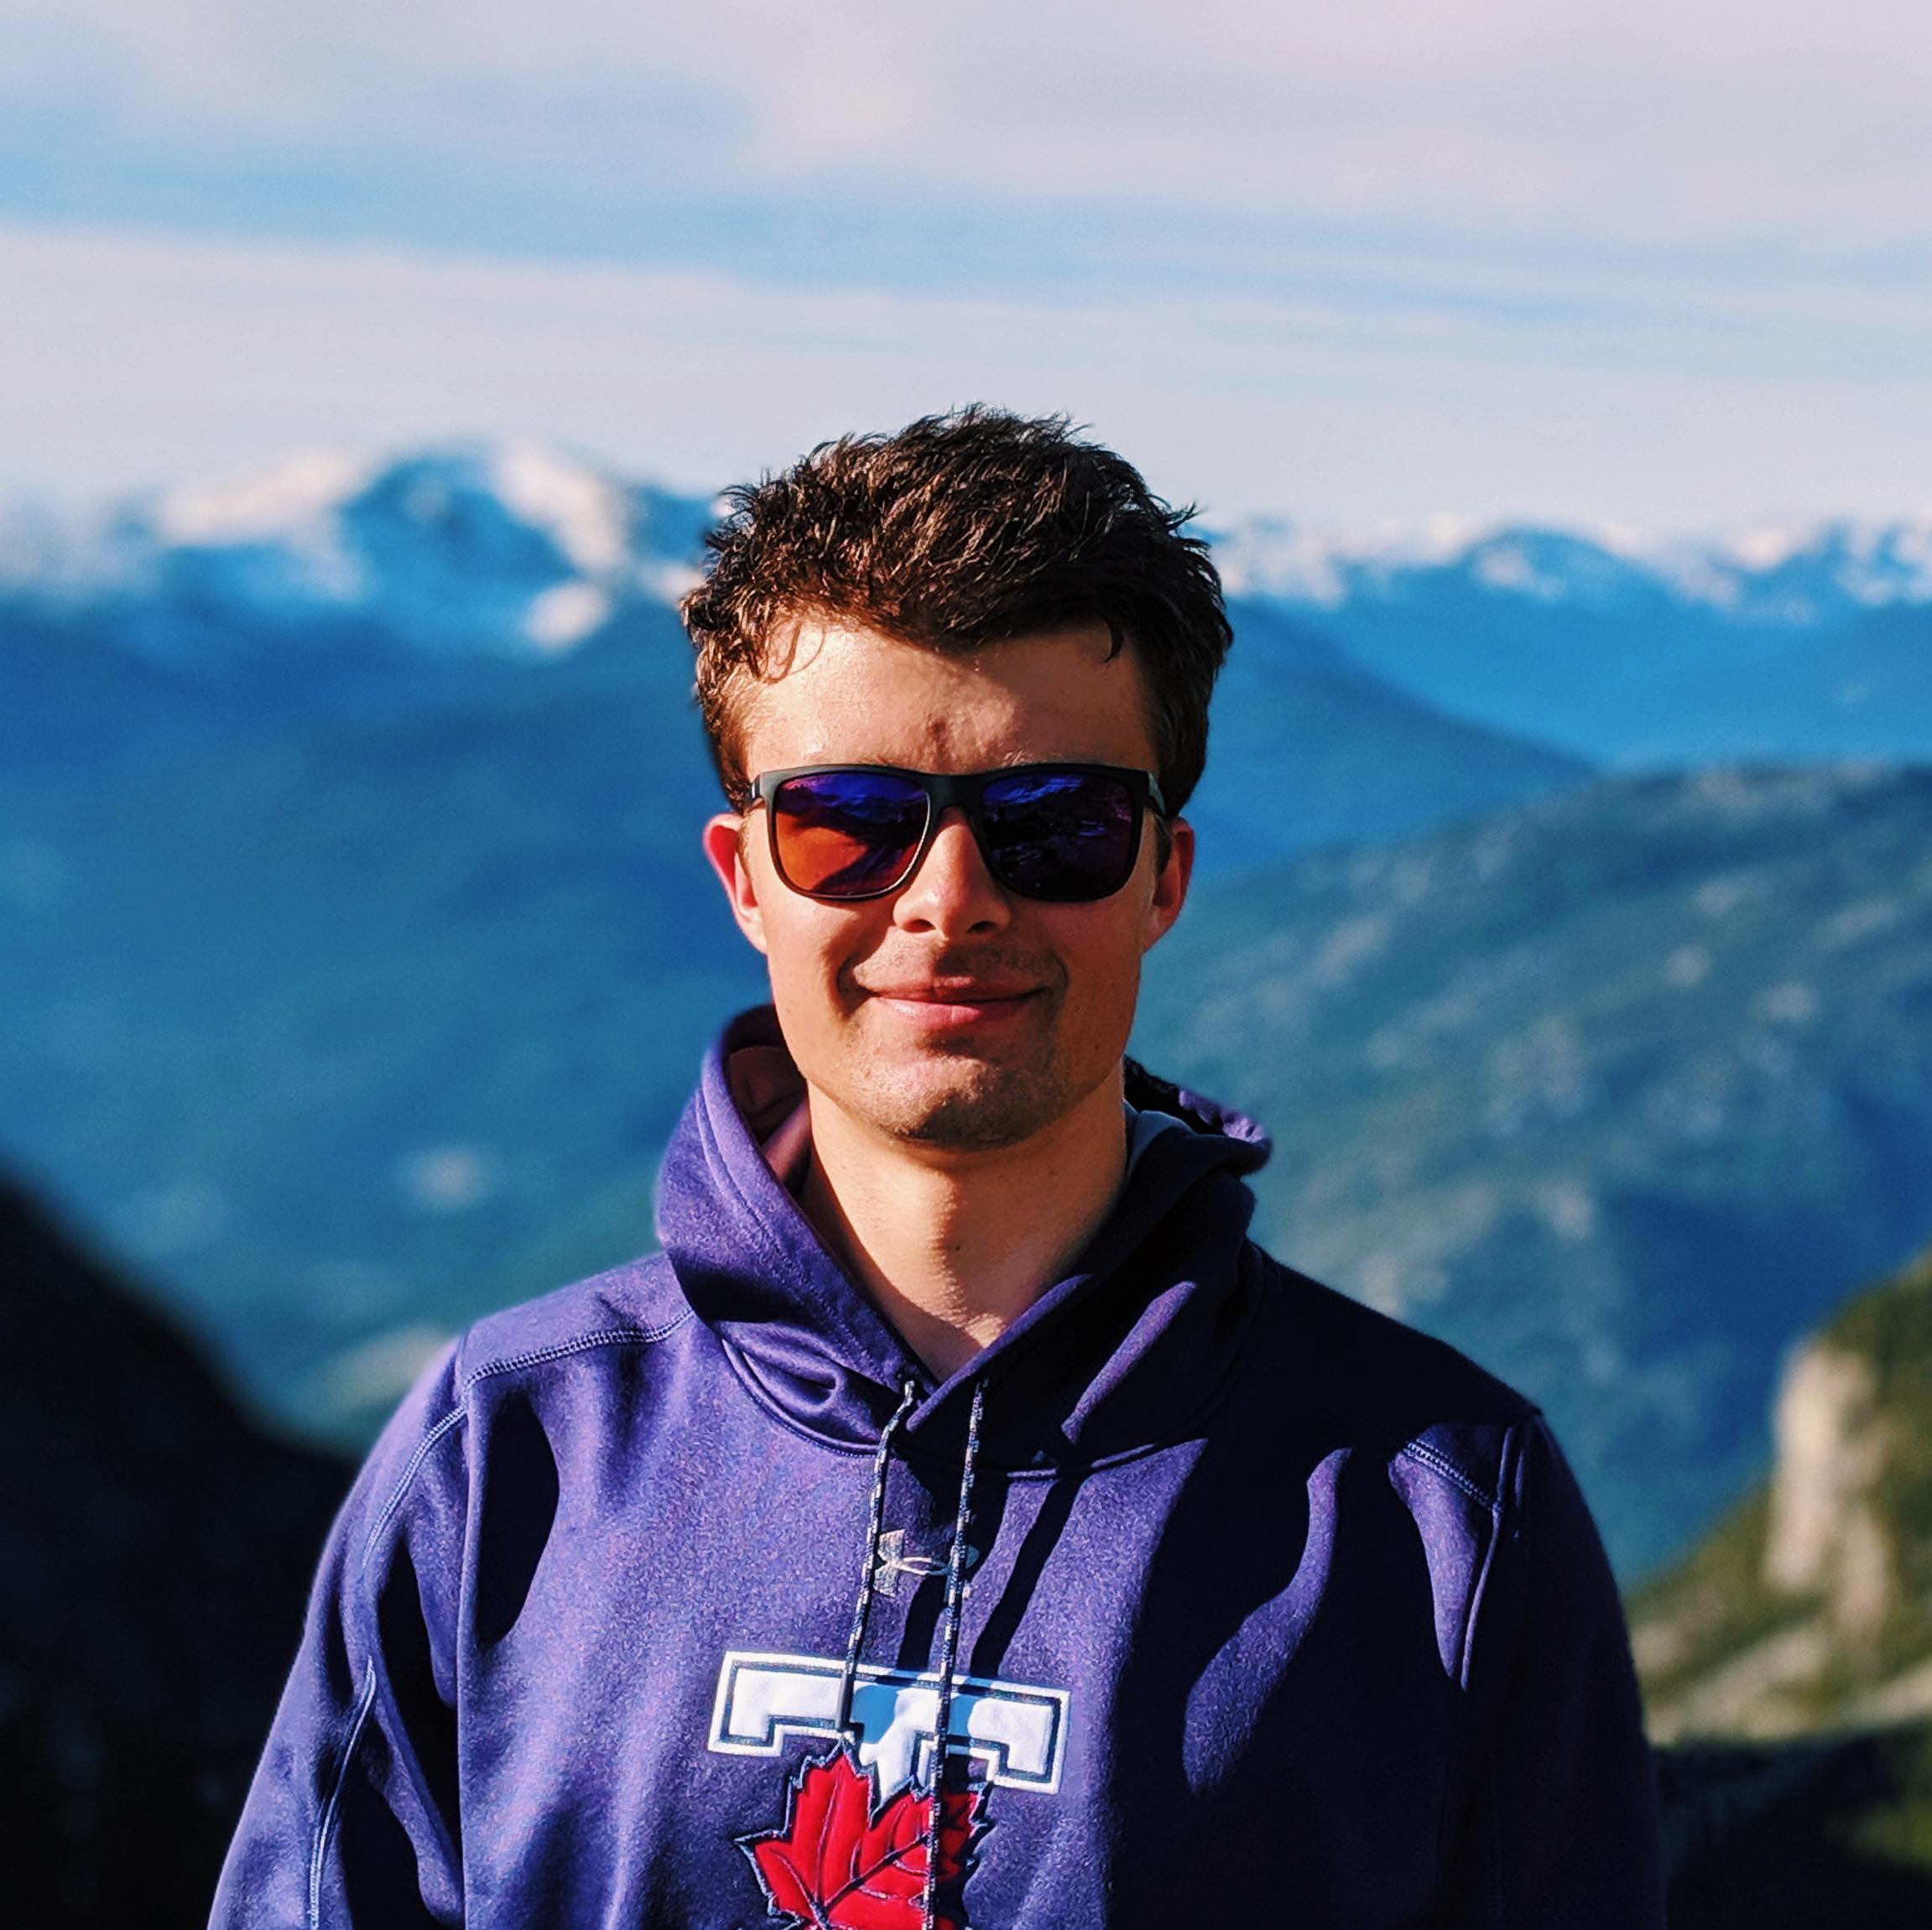 Knowtworthy CEO Alex Gordienko